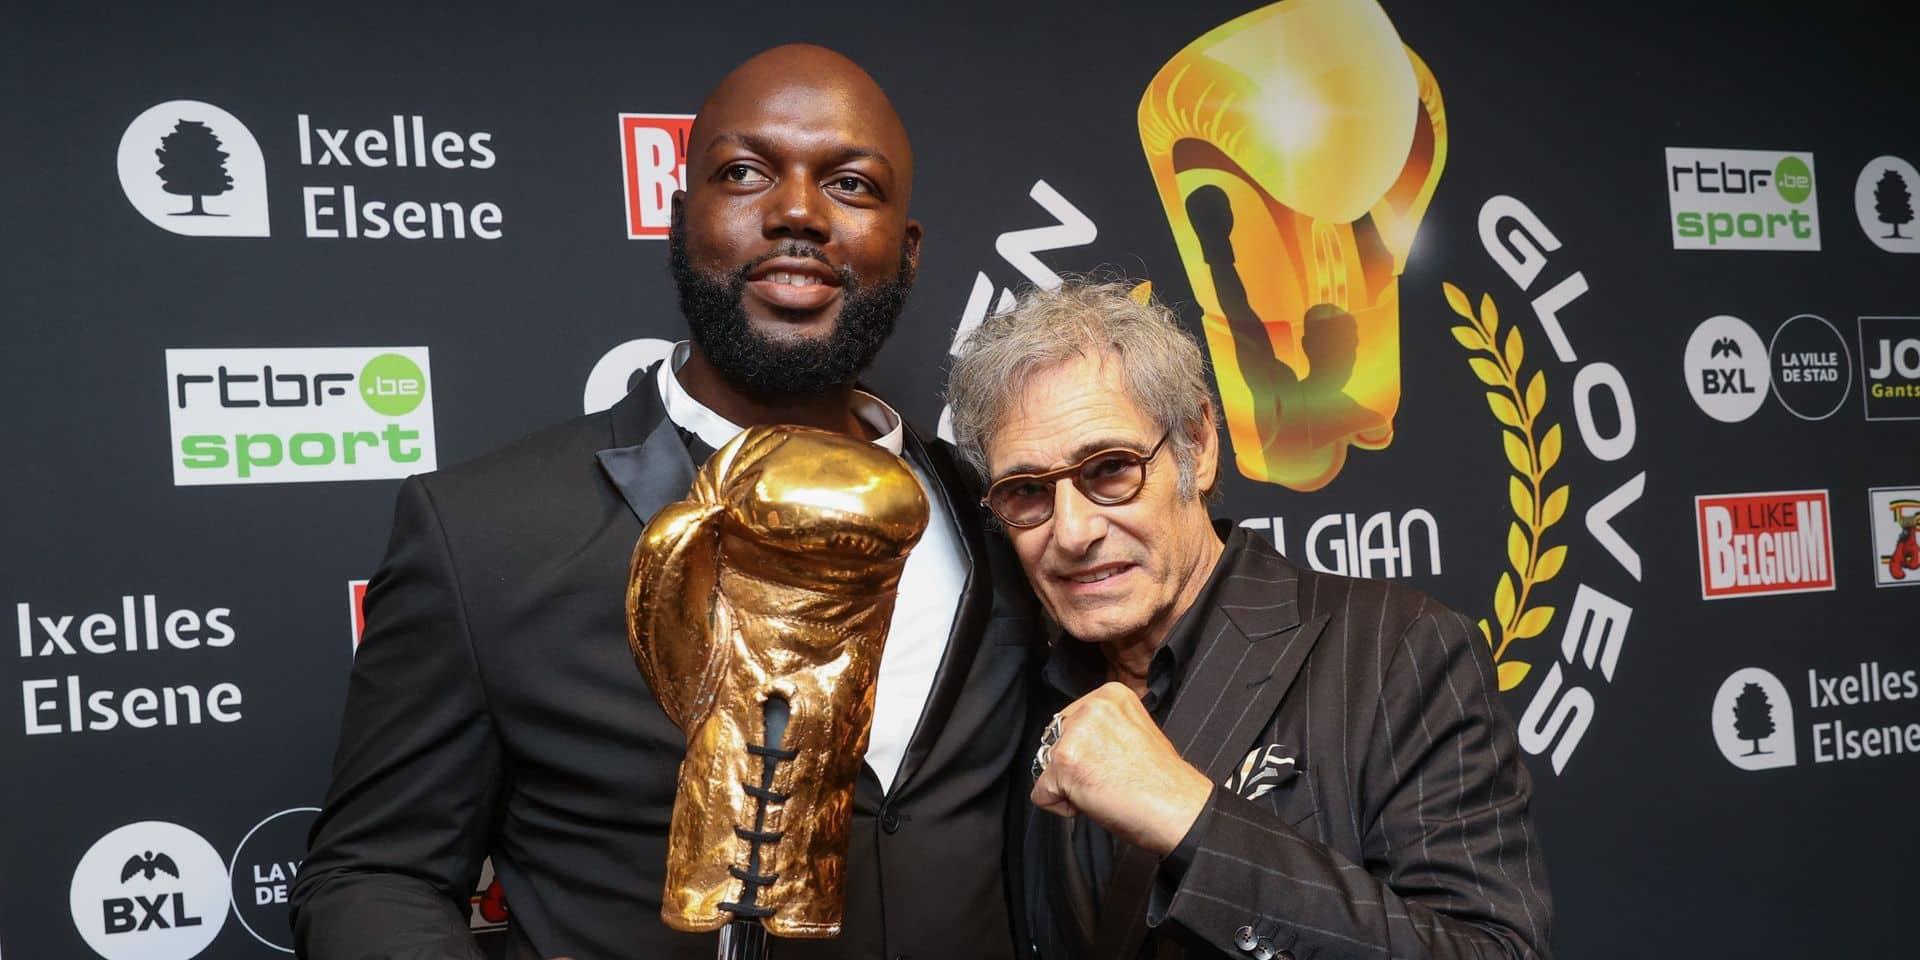 """Lauréat du Gant d'Or, Jack Mulowayi en veut plus: """"J'ai envie de remonter sur le ring le plus vite possible"""""""